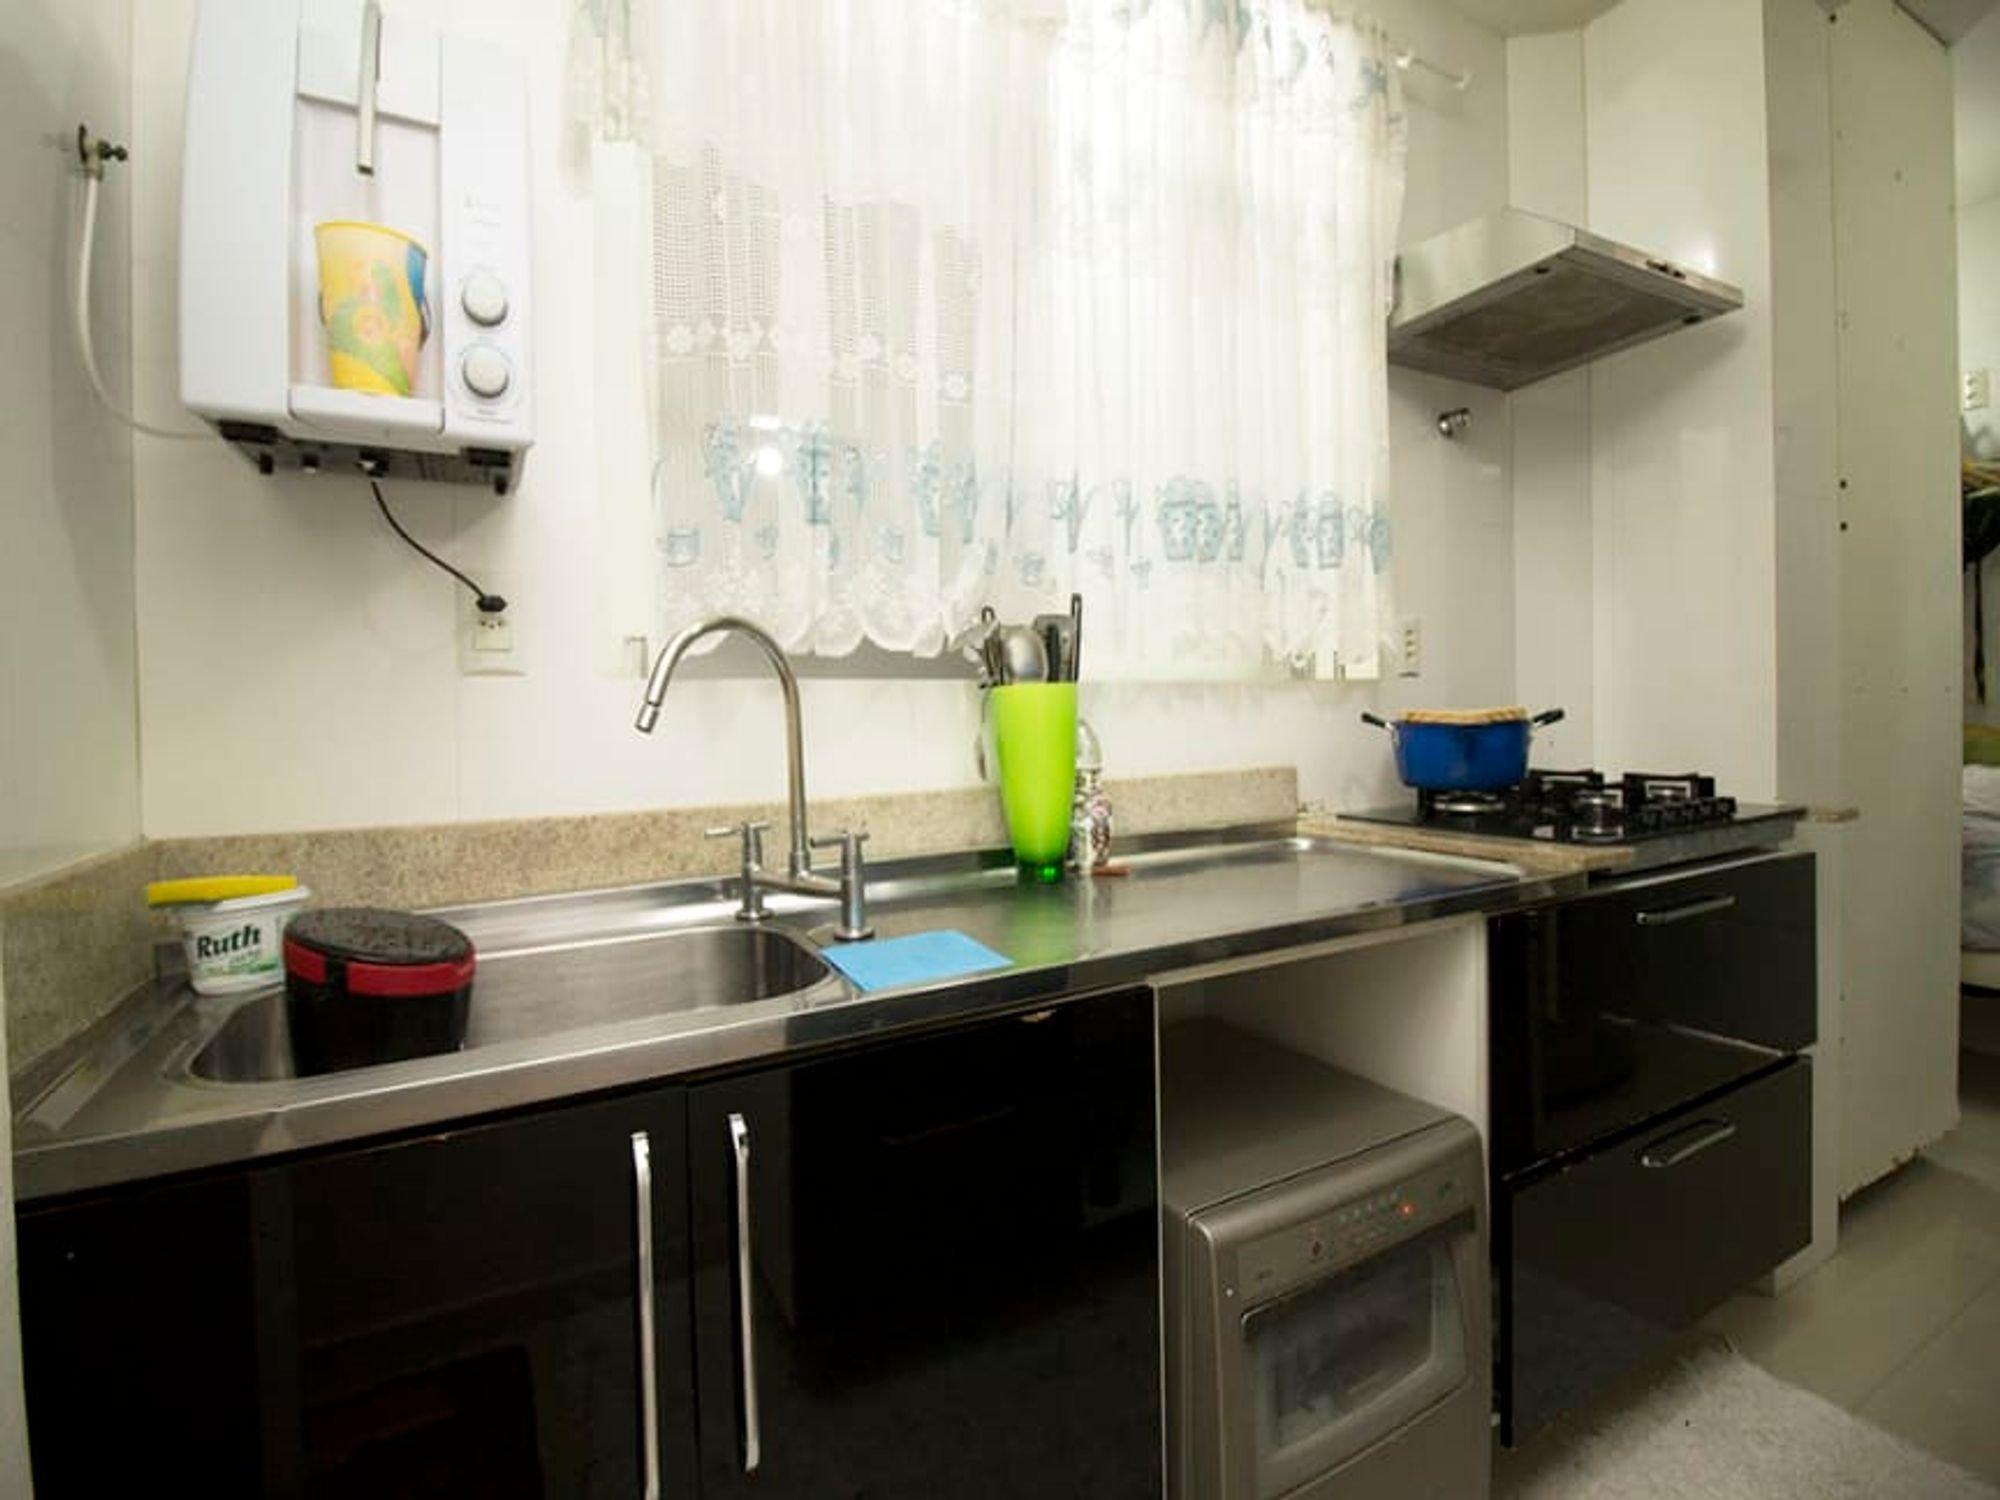 Foto de Cozinha com colher, forno, pia, xícara